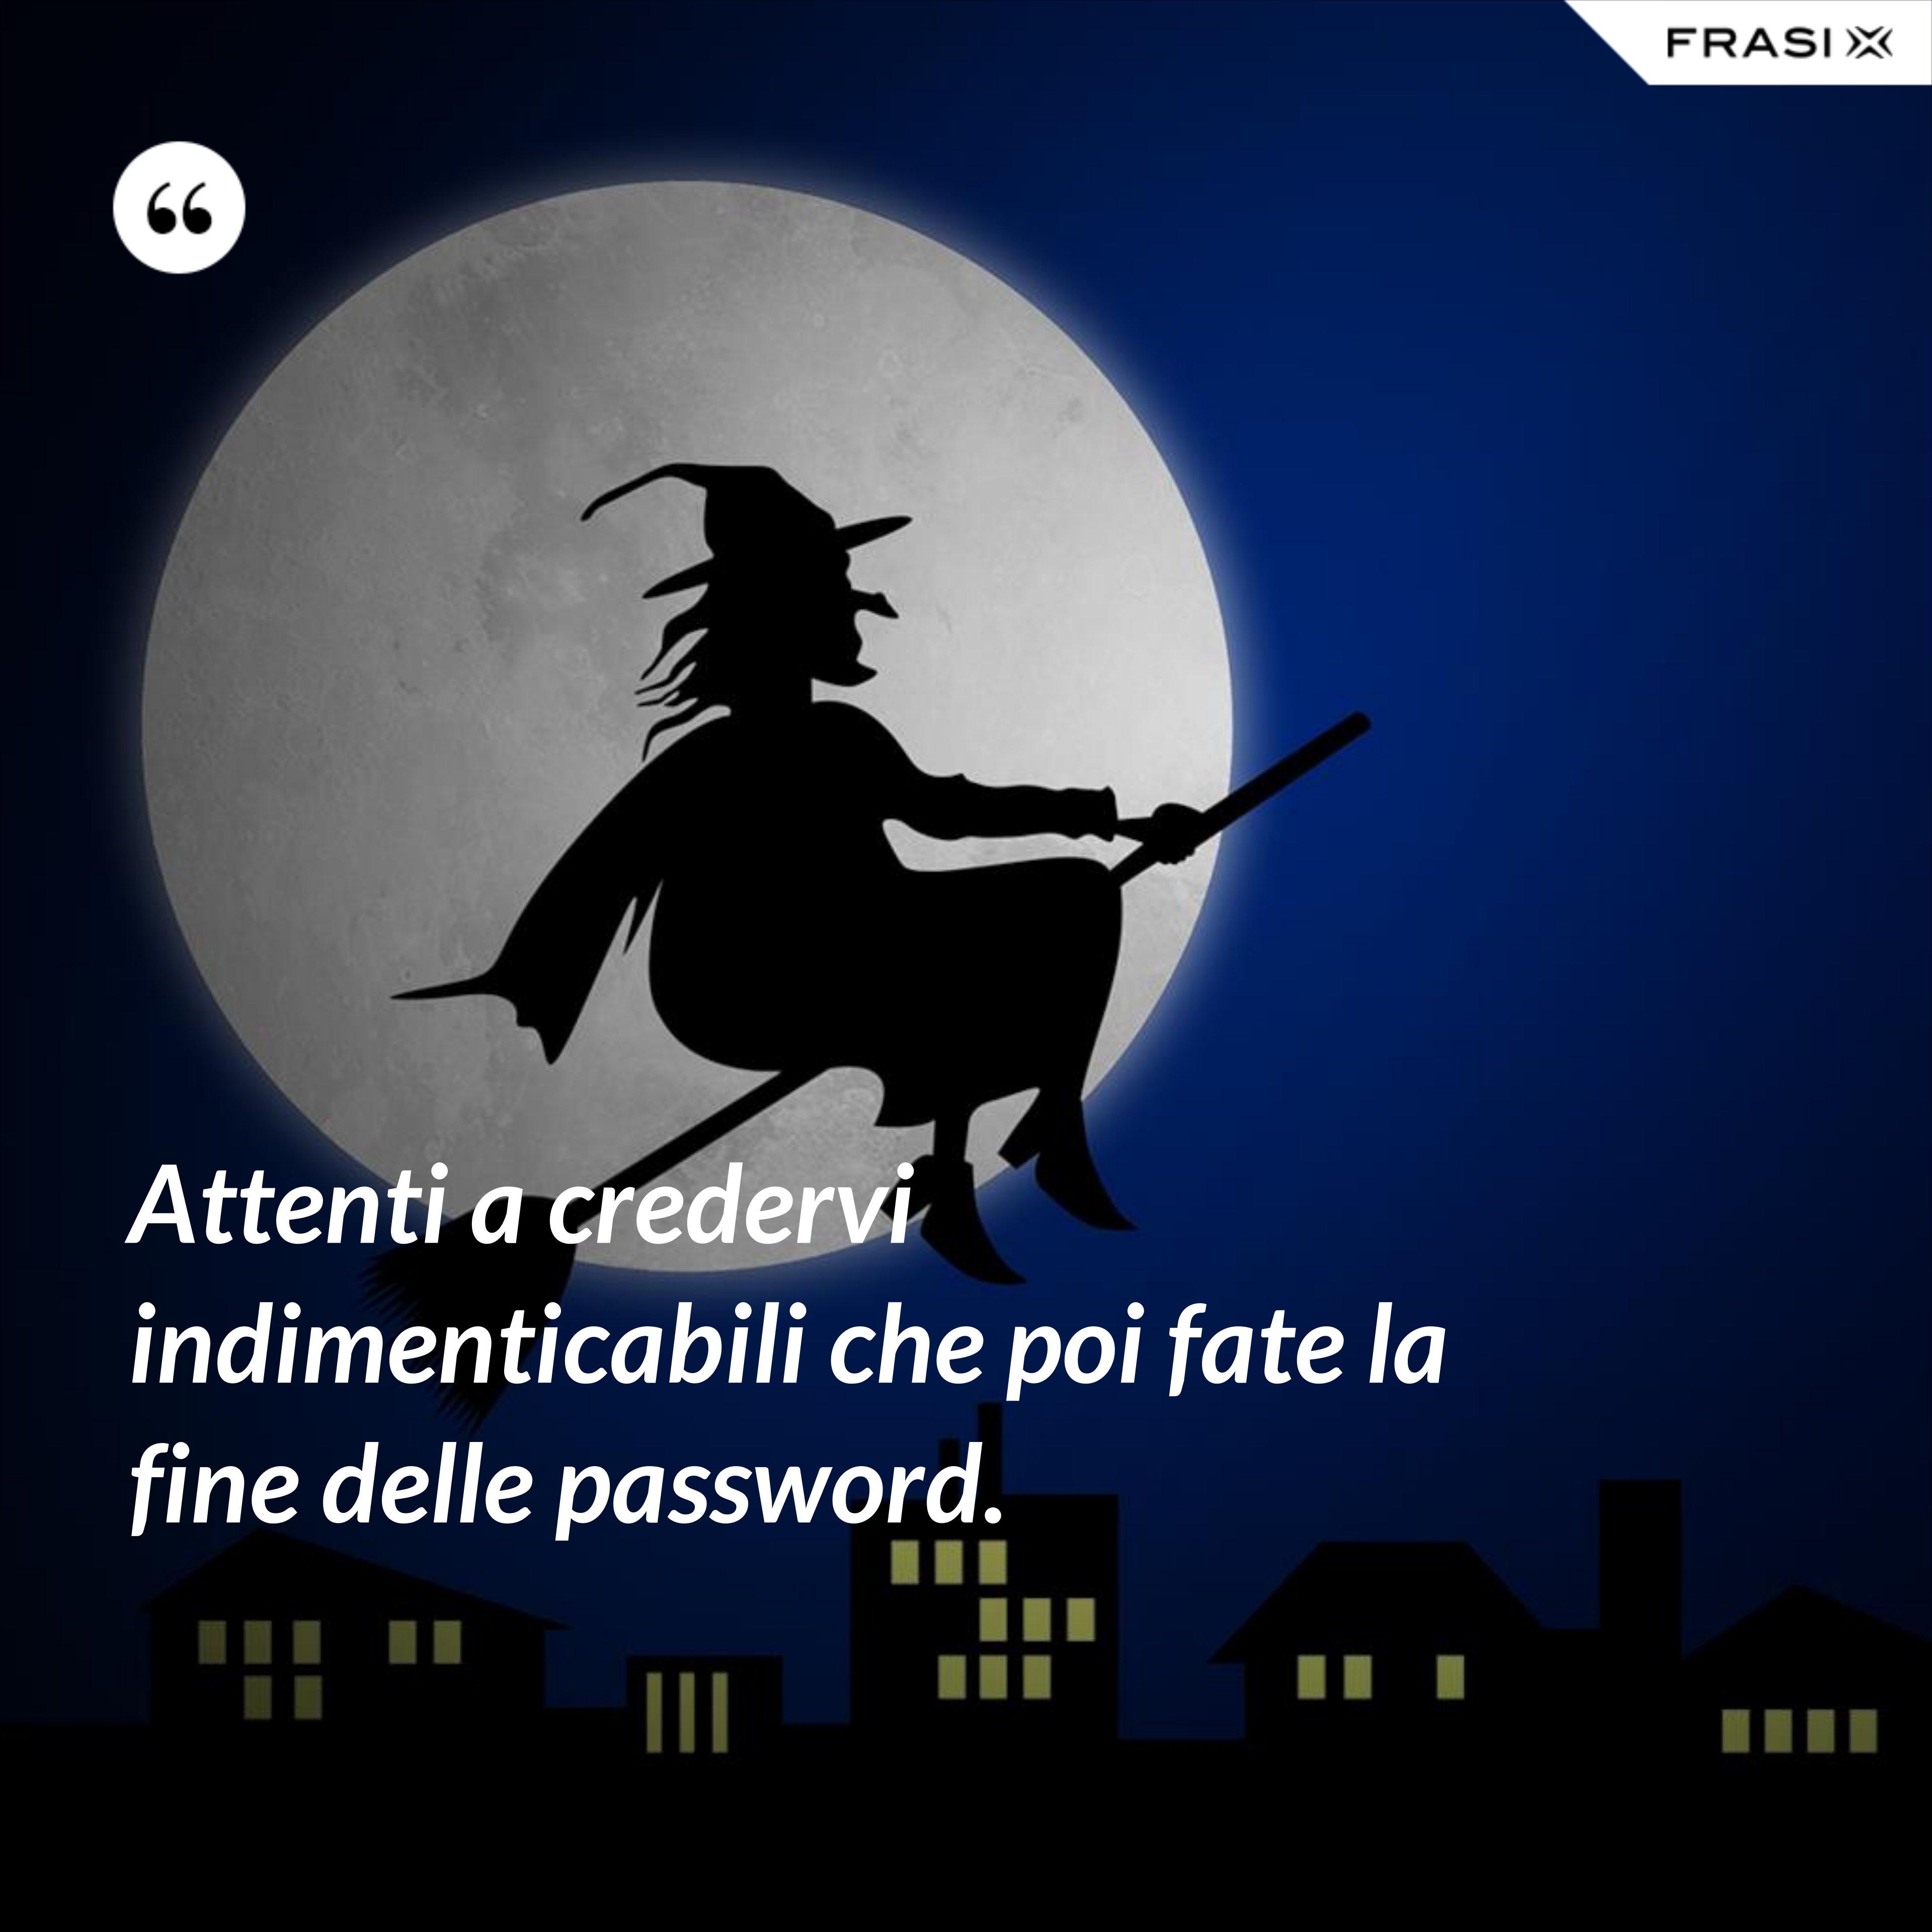 Attenti a credervi indimenticabili che poi fate la fine delle password. - Anonimo